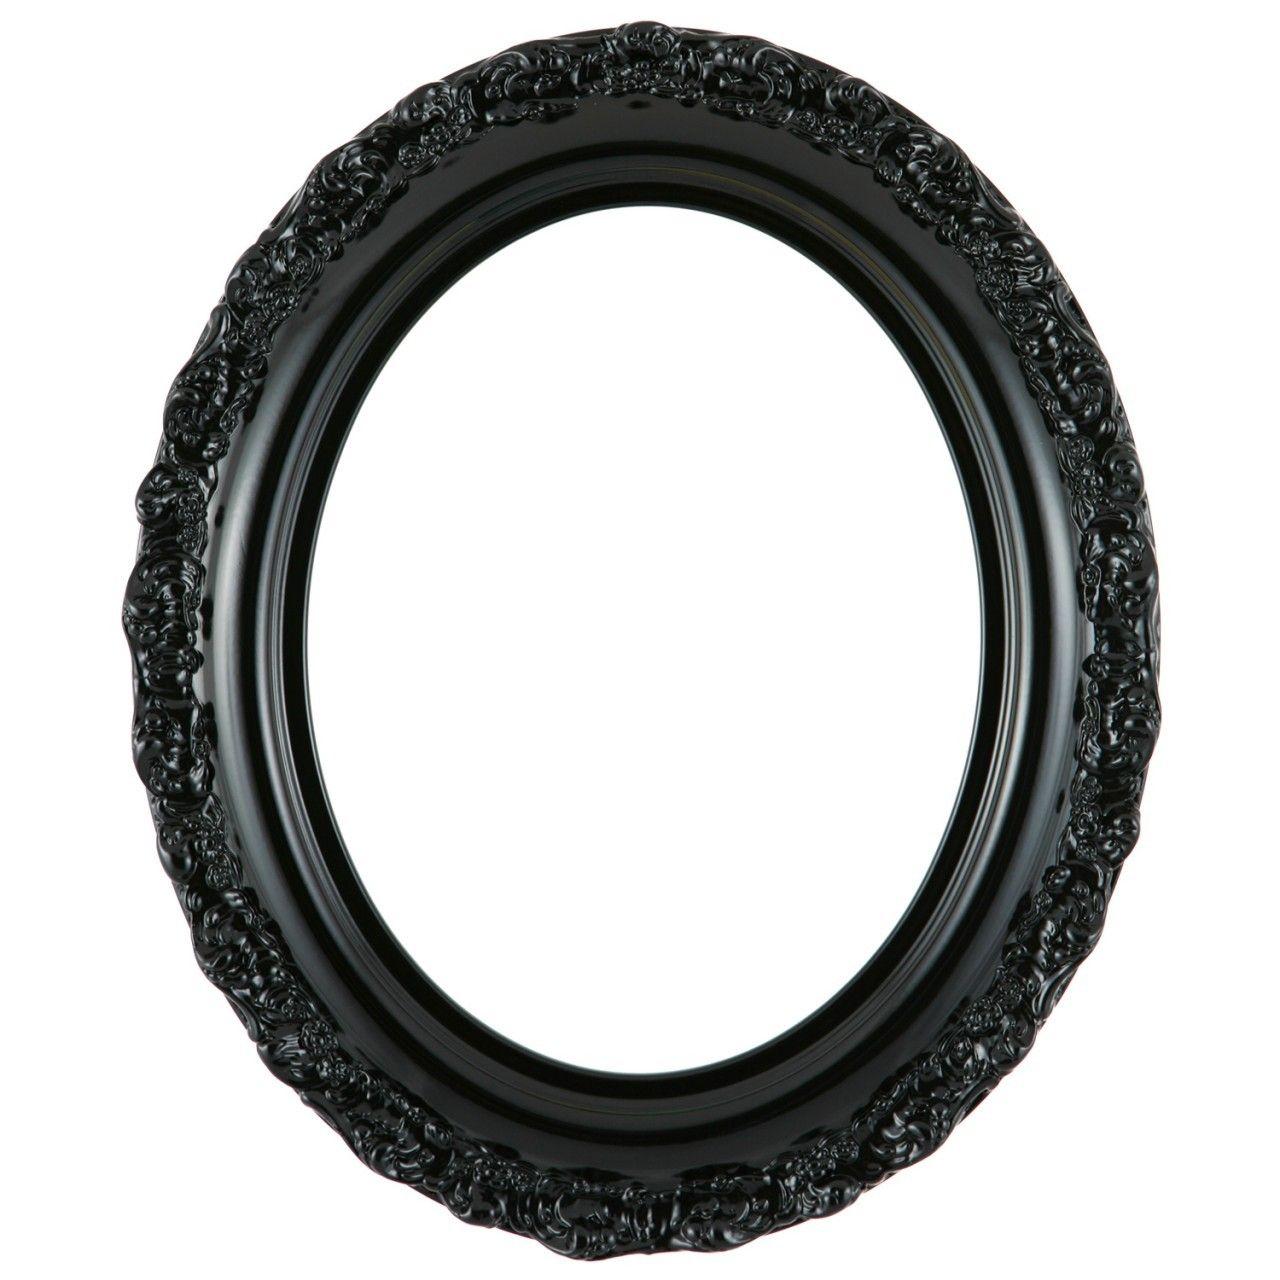 Venice Oval Frame #454 - Gloss Black | Home | Pinterest | Frame ...